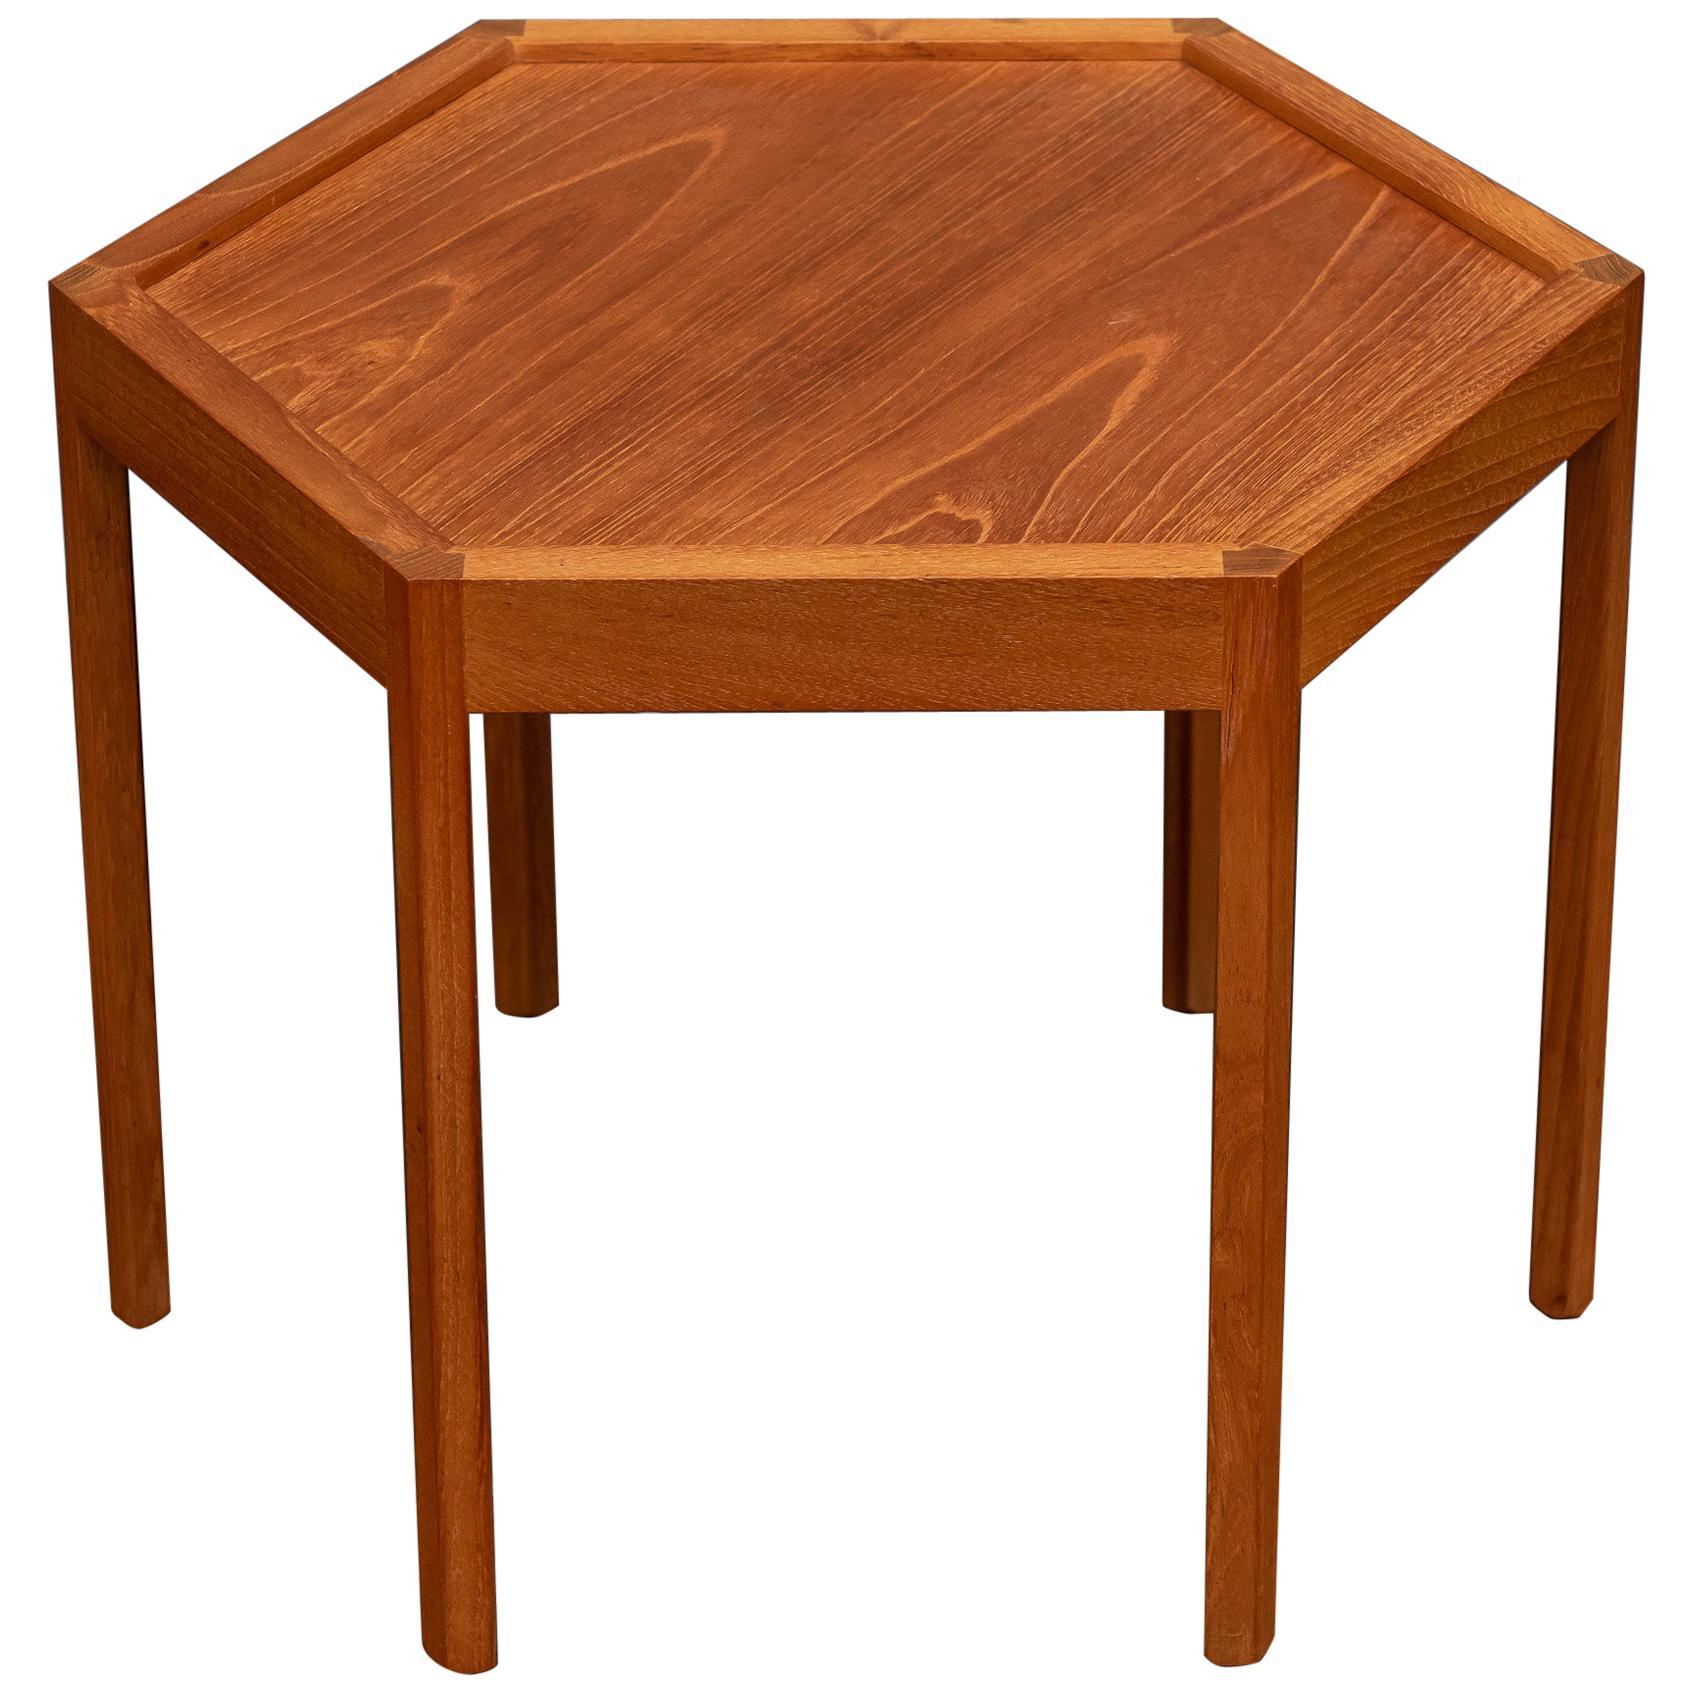 Scandinavian Modern Side Table by Hans Andersen